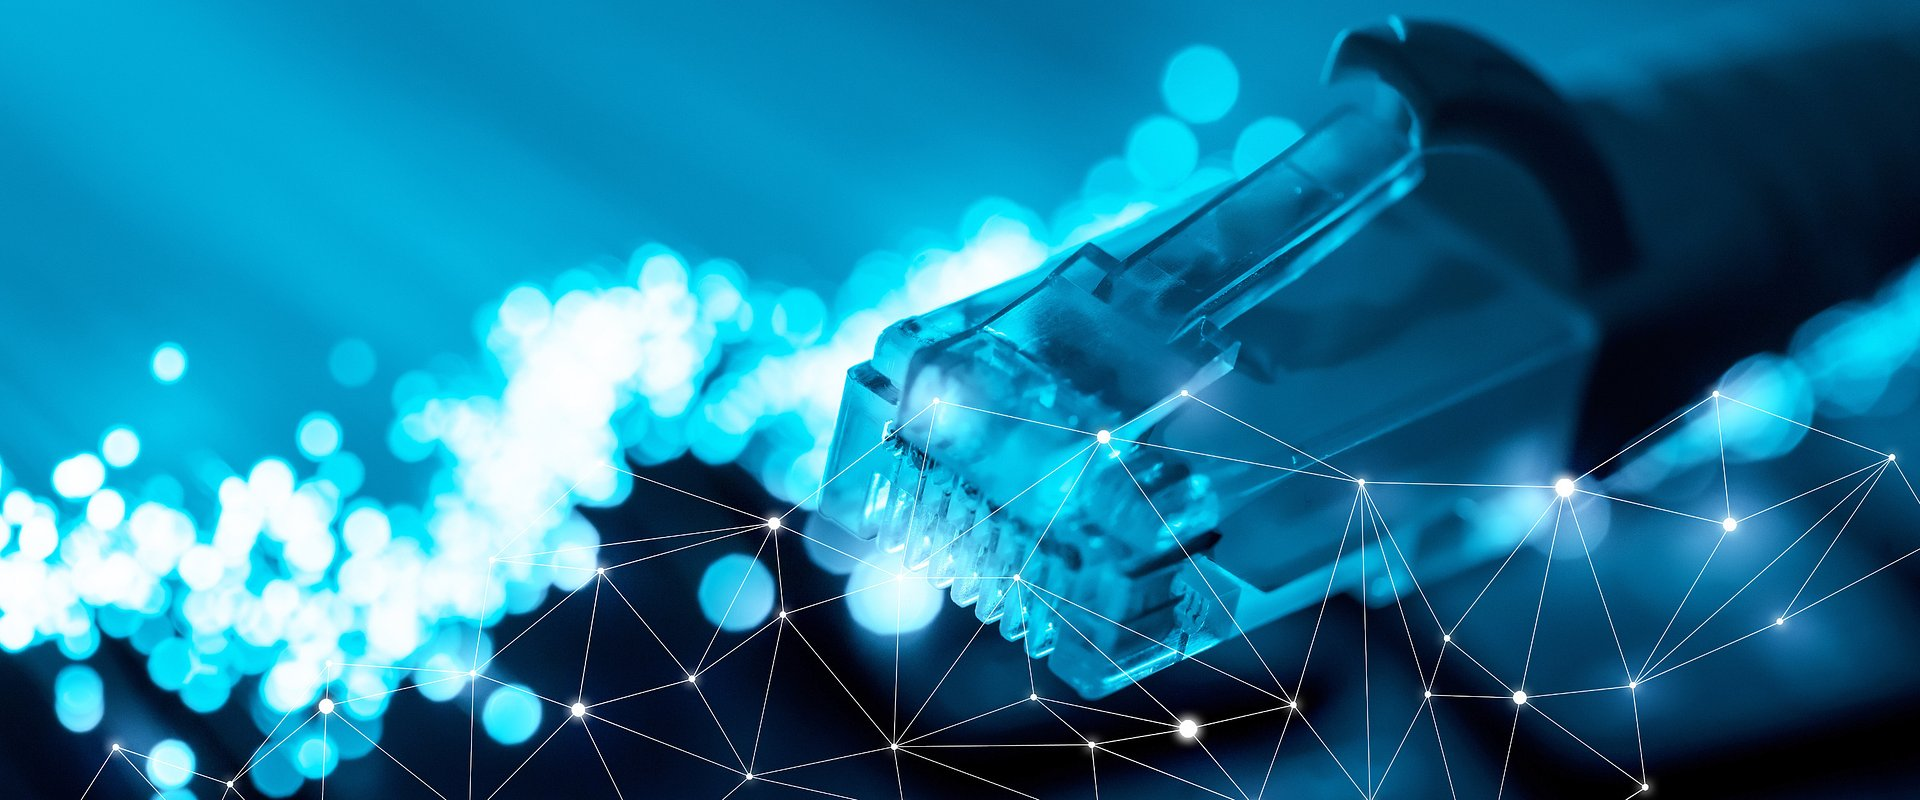 Gigabitowy internet pobudza gospodarkę i wspiera biznes w cyfrowej transformacji